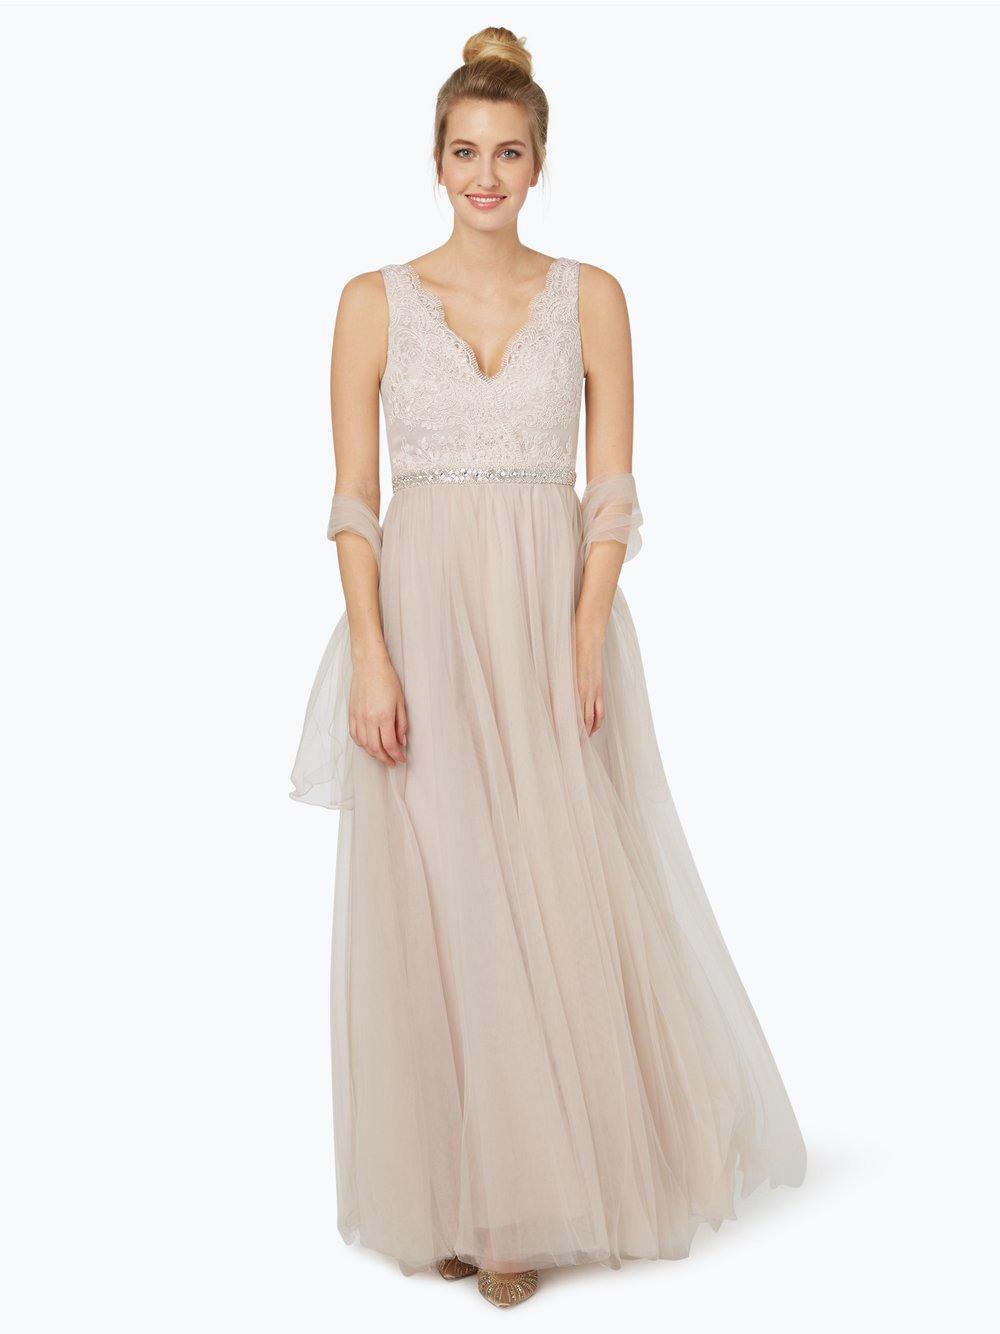 Abend Perfekt Unique Damen Abendkleid Spezialgebiet13 Kreativ Unique Damen Abendkleid Design